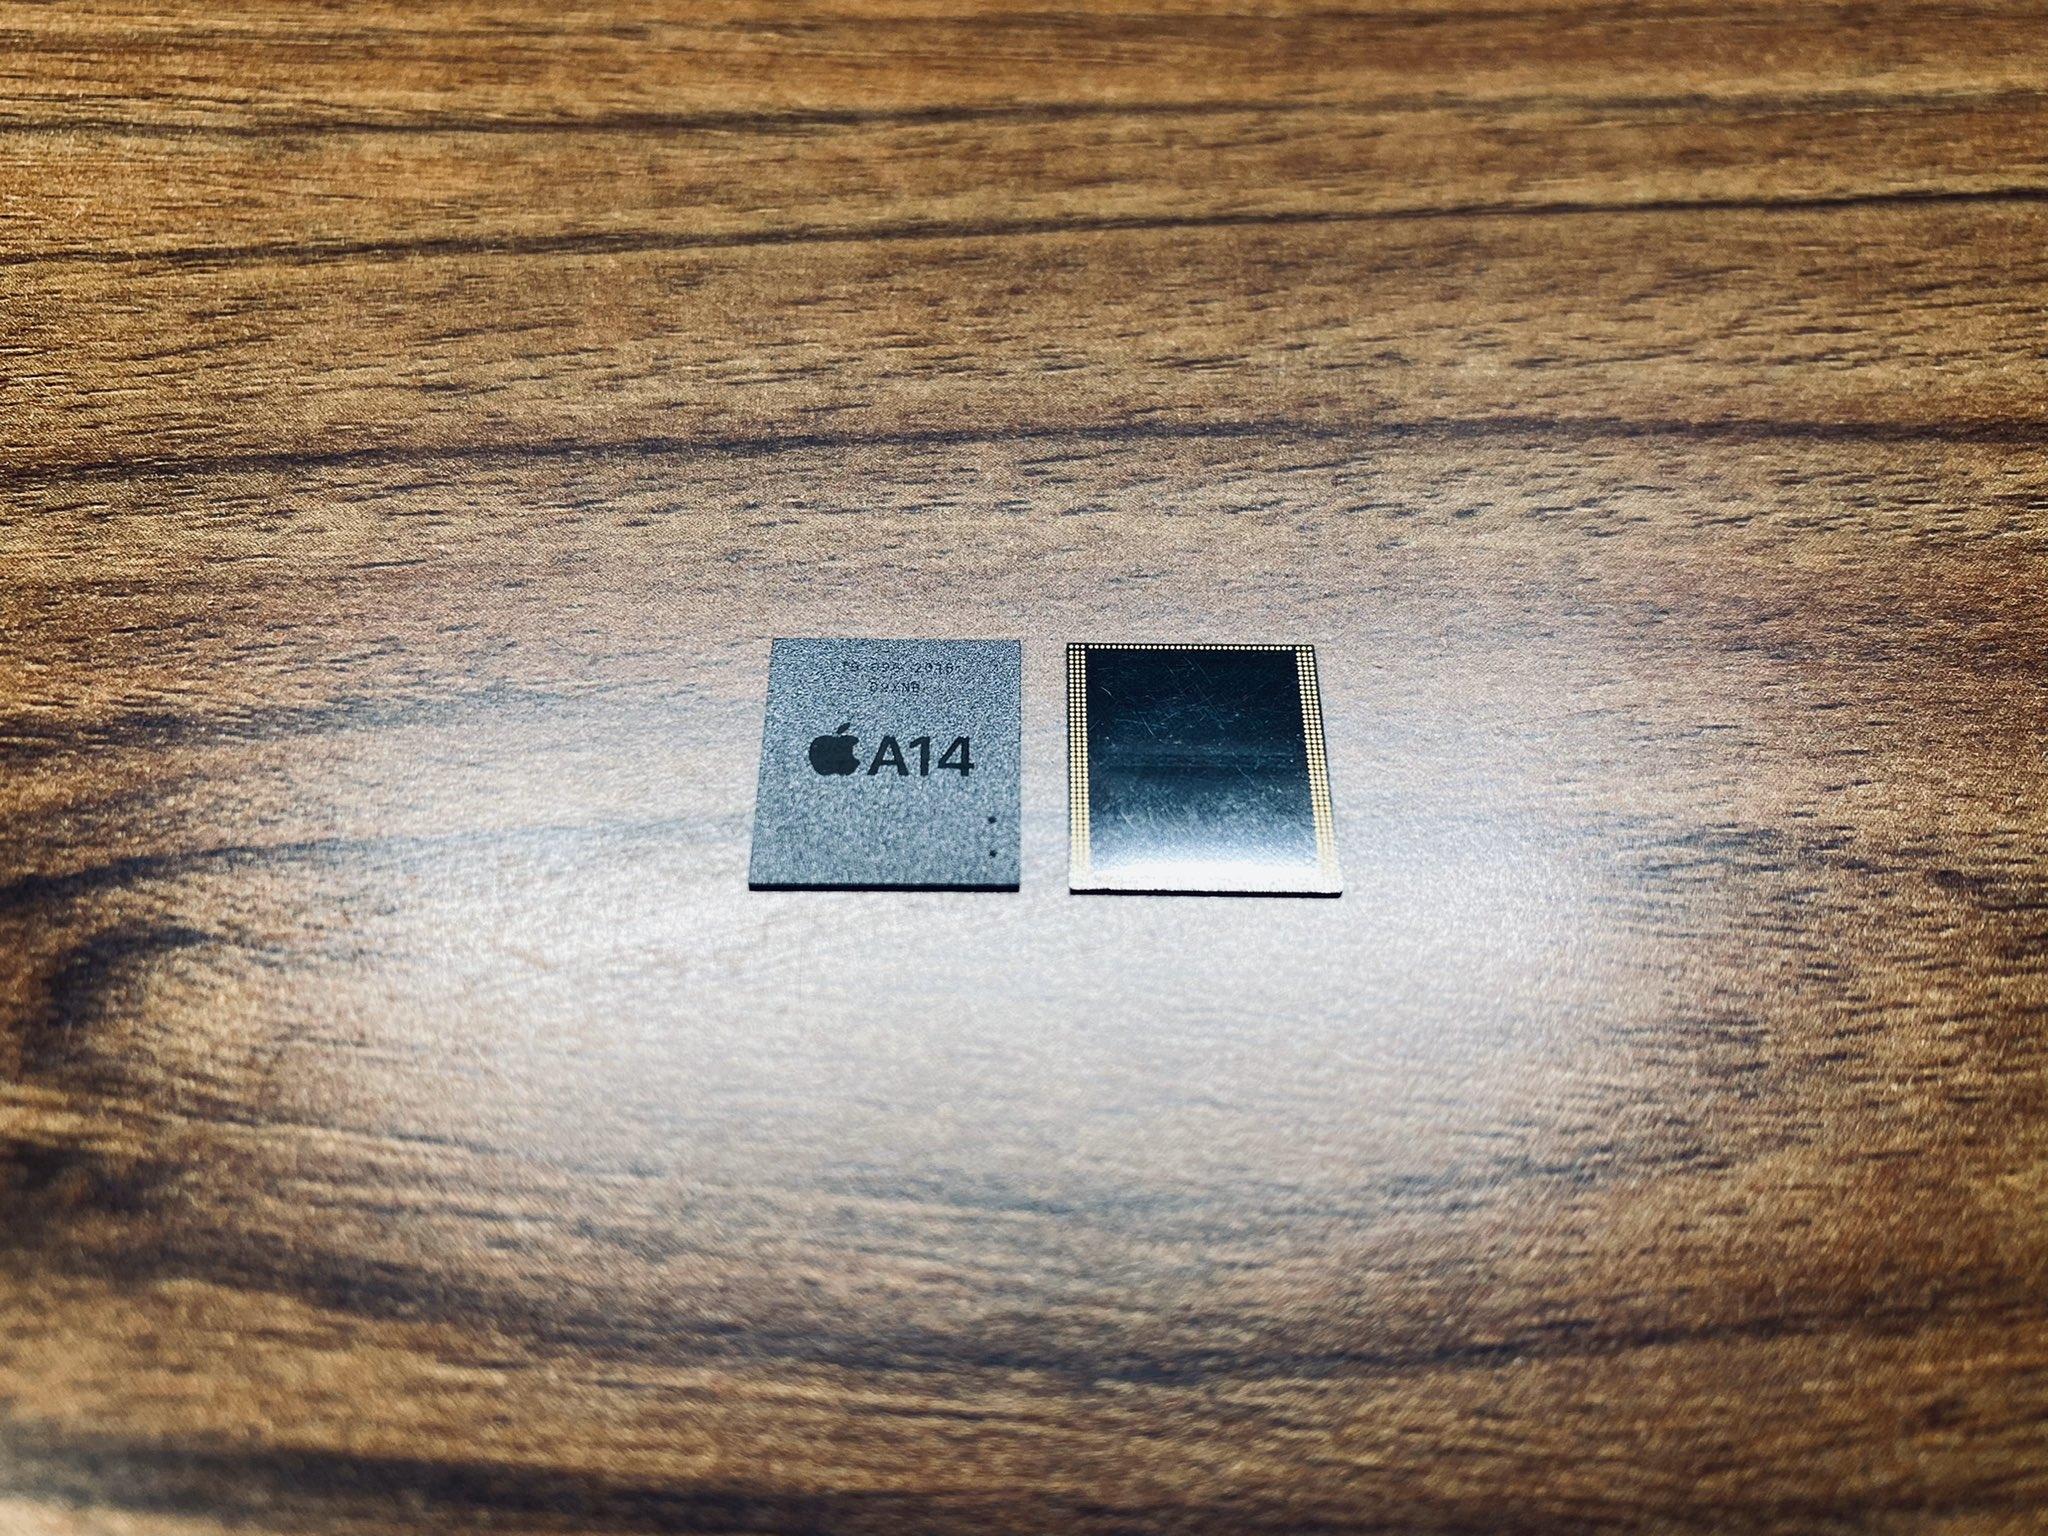 5nm制程令苹果A14性能提升明显:CPU/GPU领先A13约50%